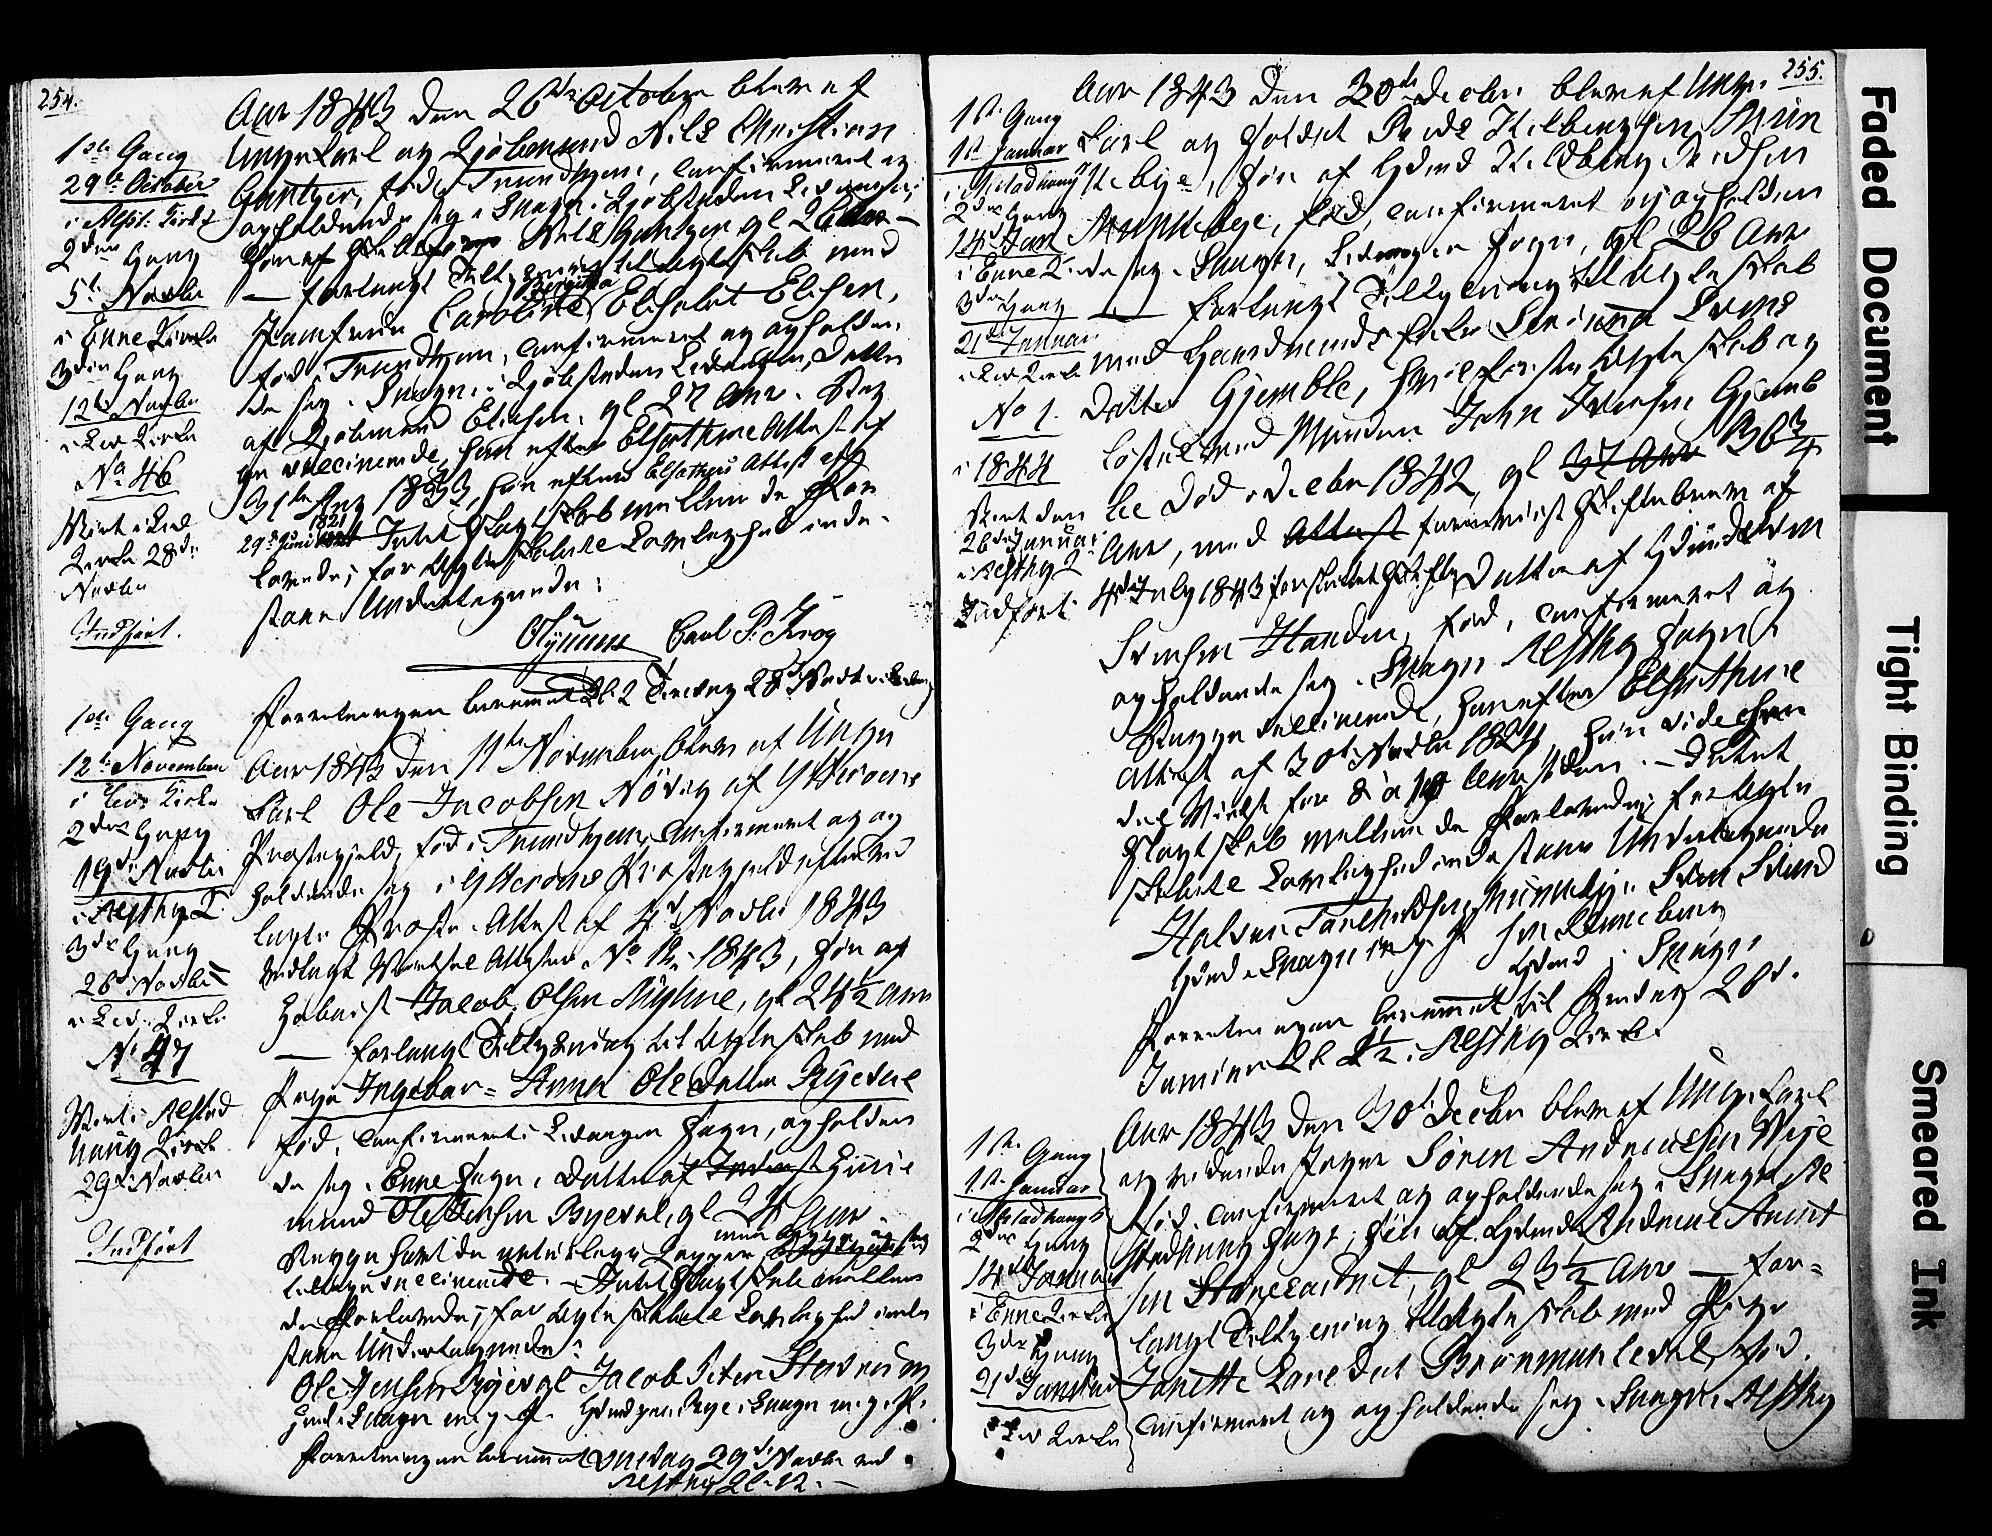 SAT, Ministerialprotokoller, klokkerbøker og fødselsregistre - Nord-Trøndelag, 717/L0160: Forlovererklæringer nr. 717A10, 1828-1850, s. 254-255